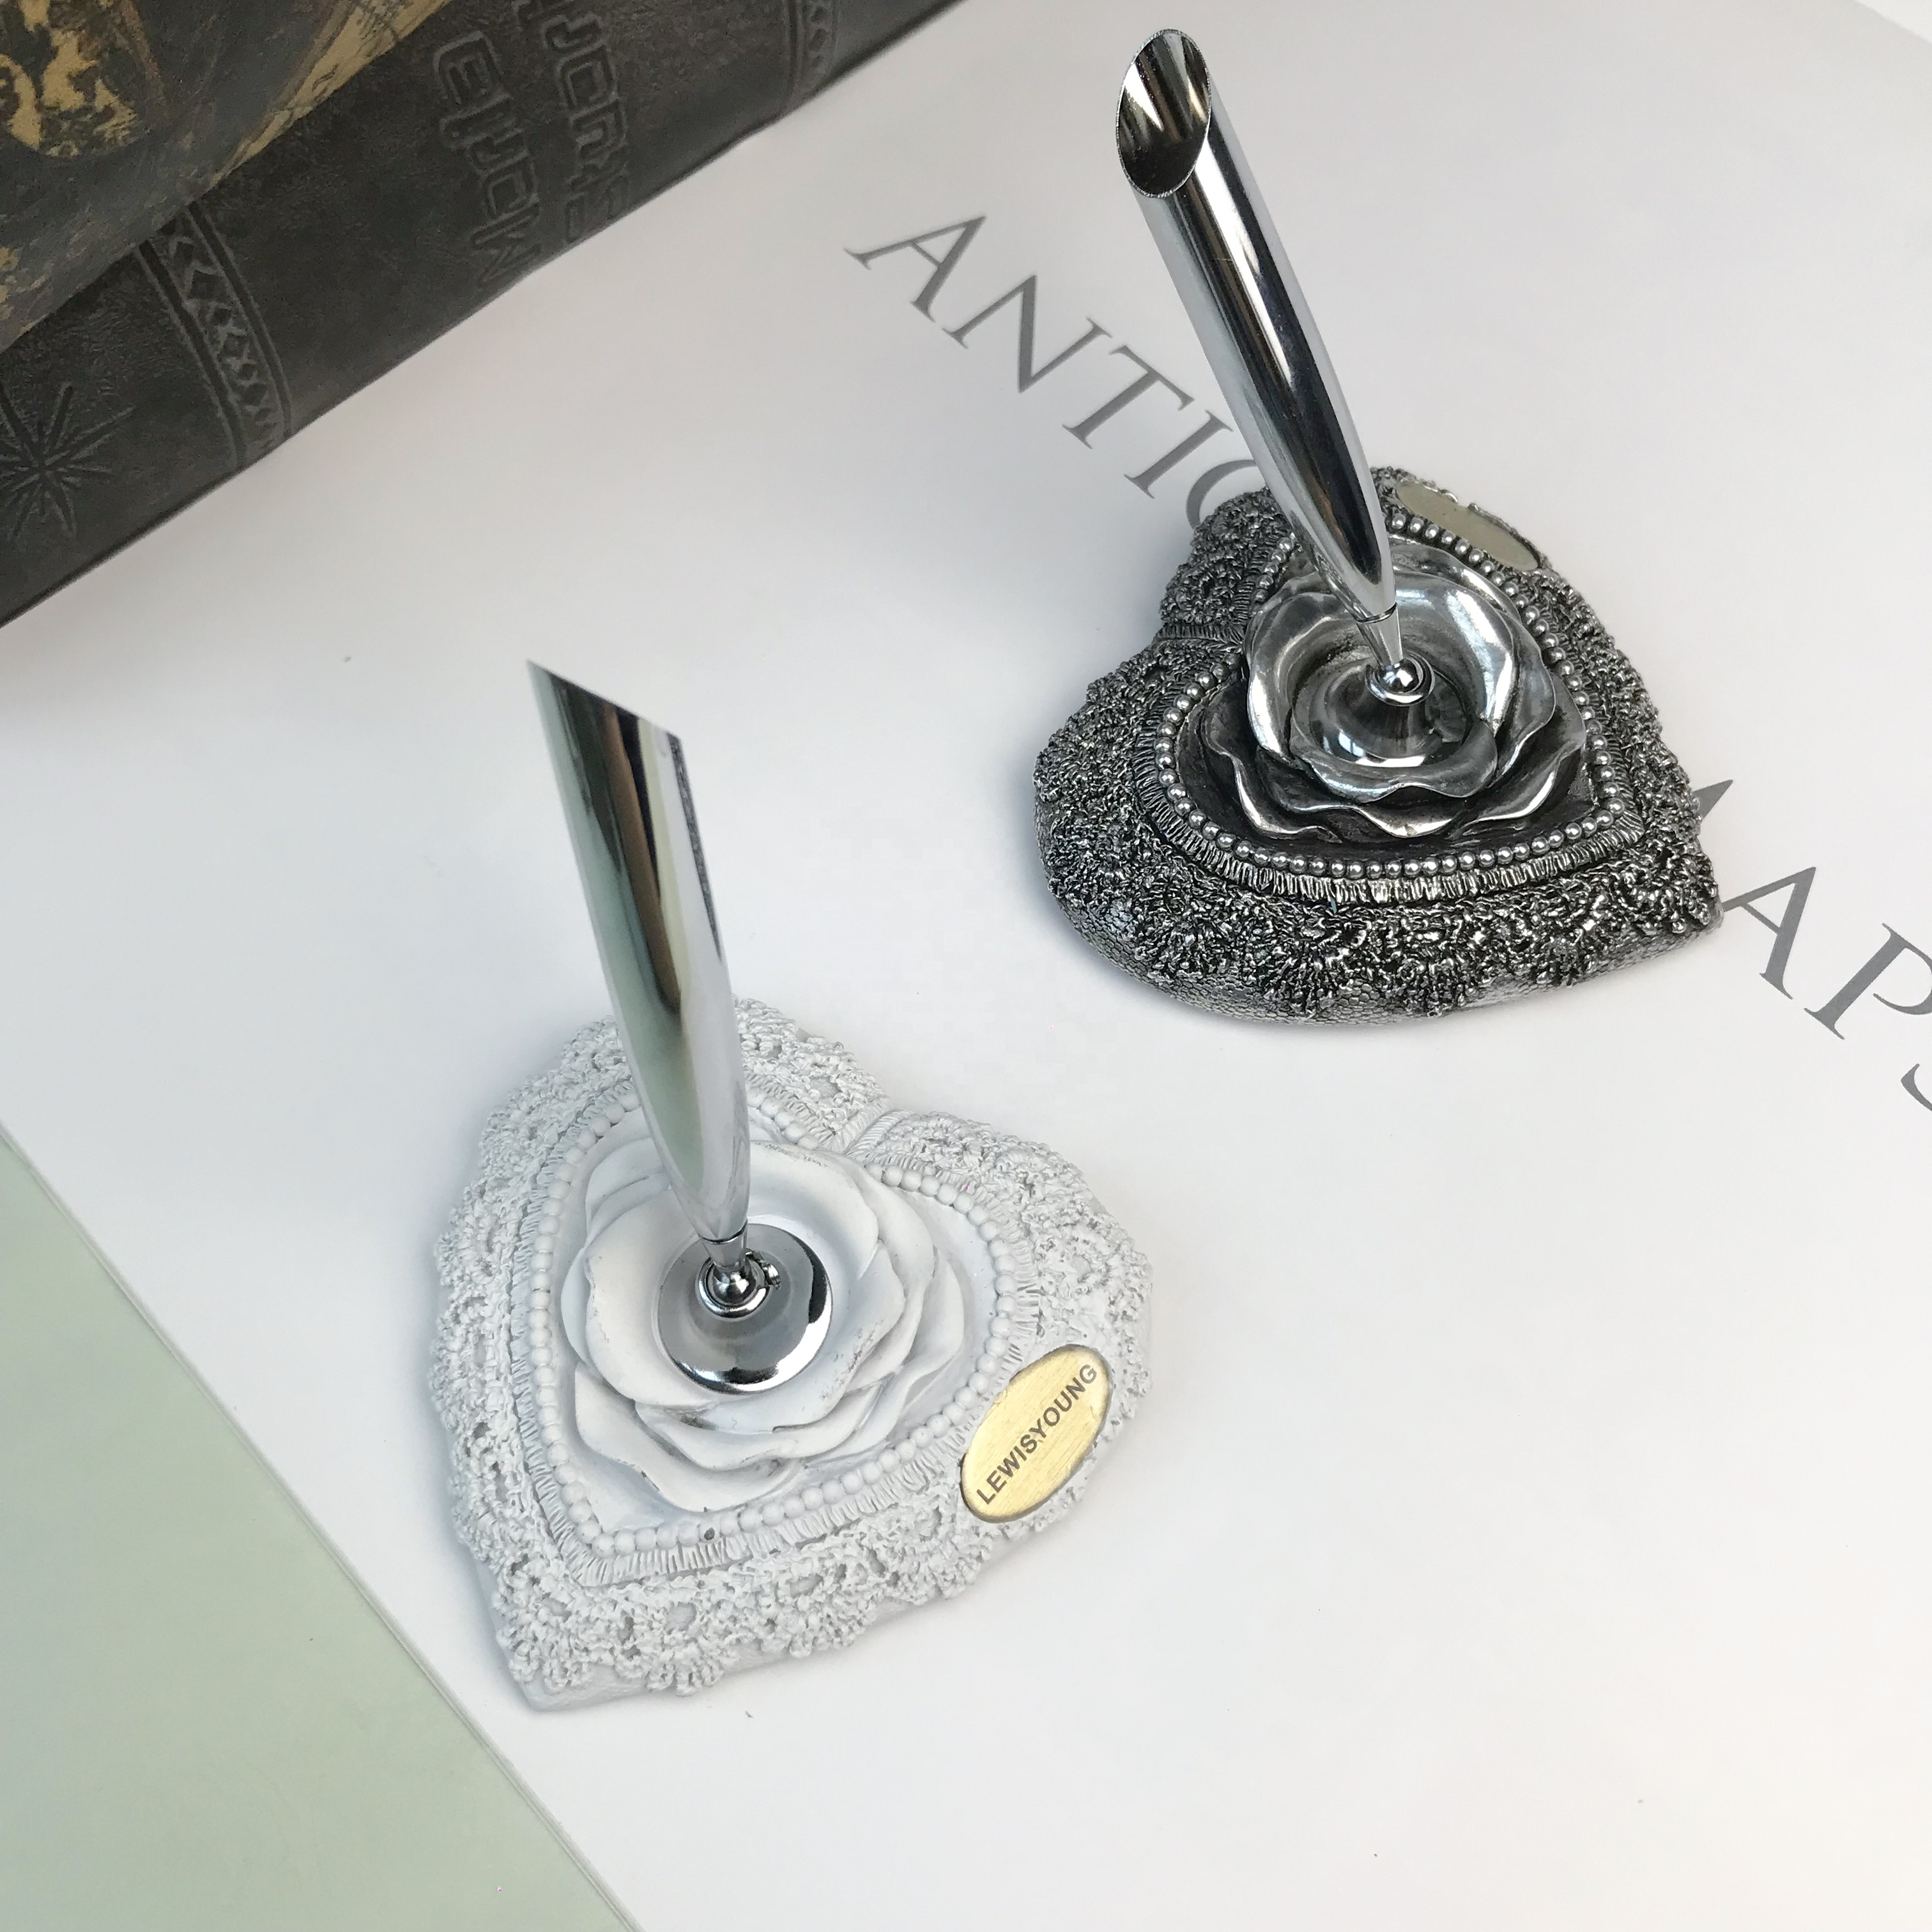 Kristall Brunnen Pen & Bleistift Halter Büro Liefert Desktop-Organizer Schreibtisch Dekoration Geschenk Idee